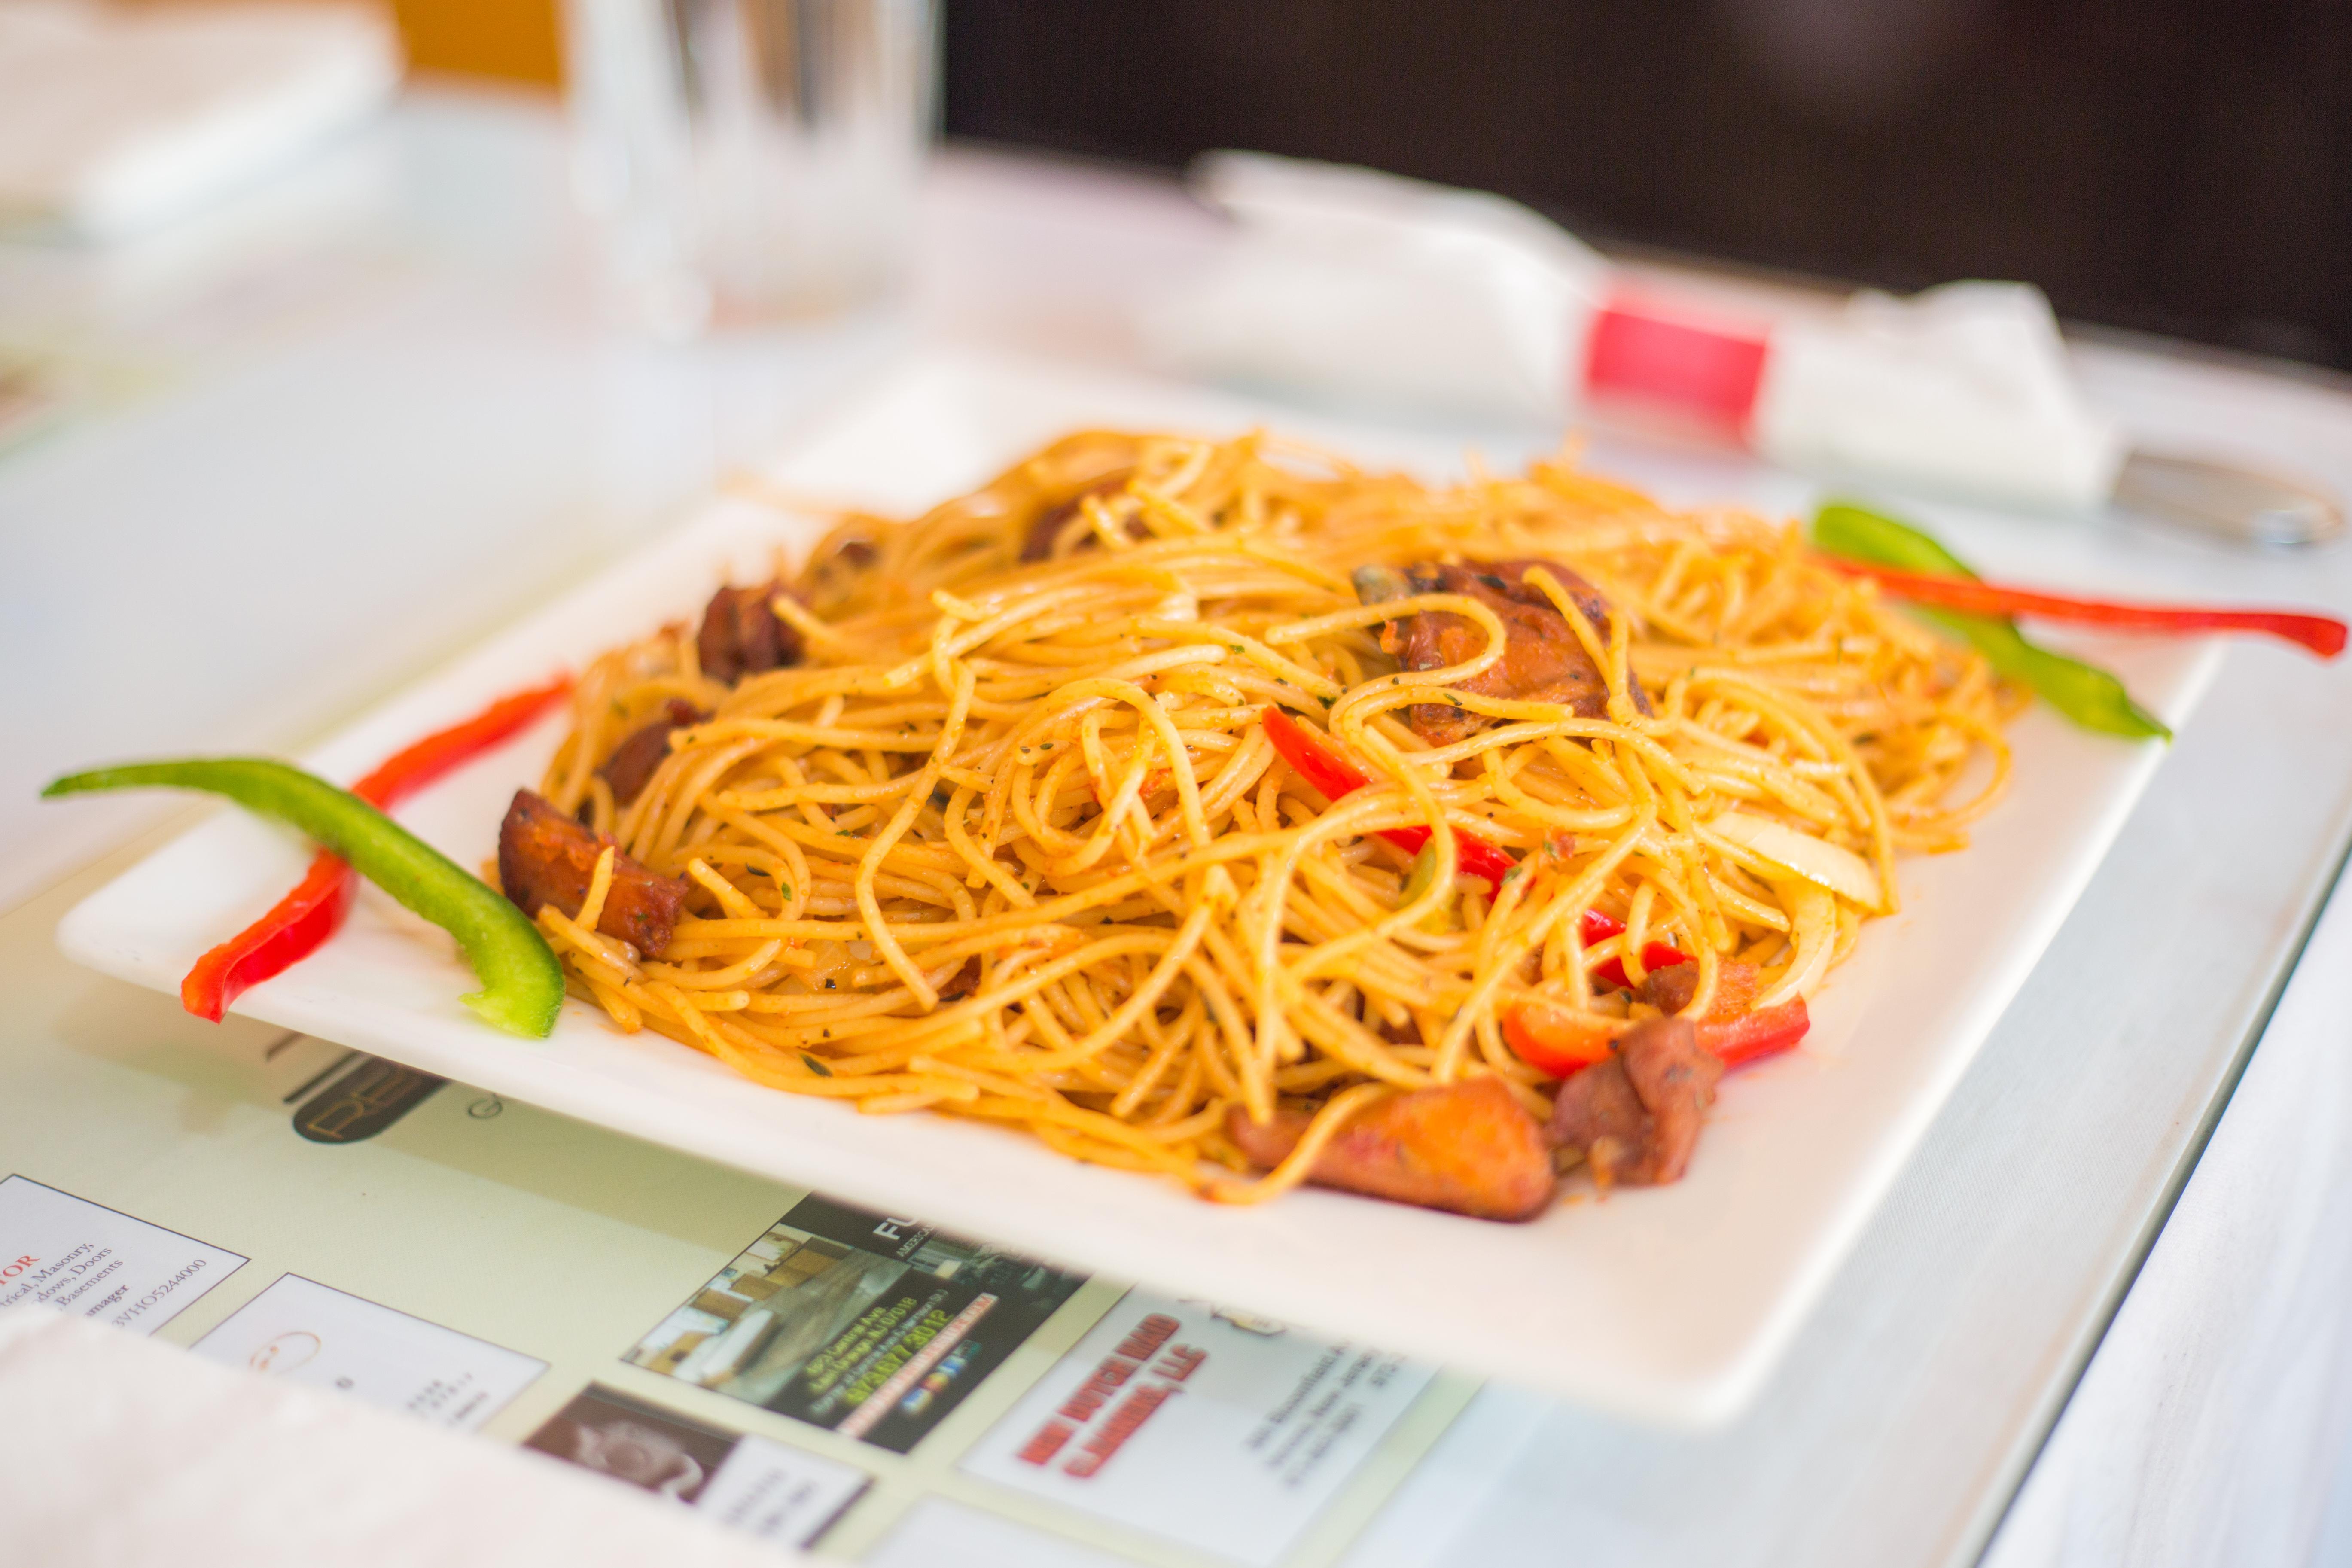 A plate of Haitian spaghetti.